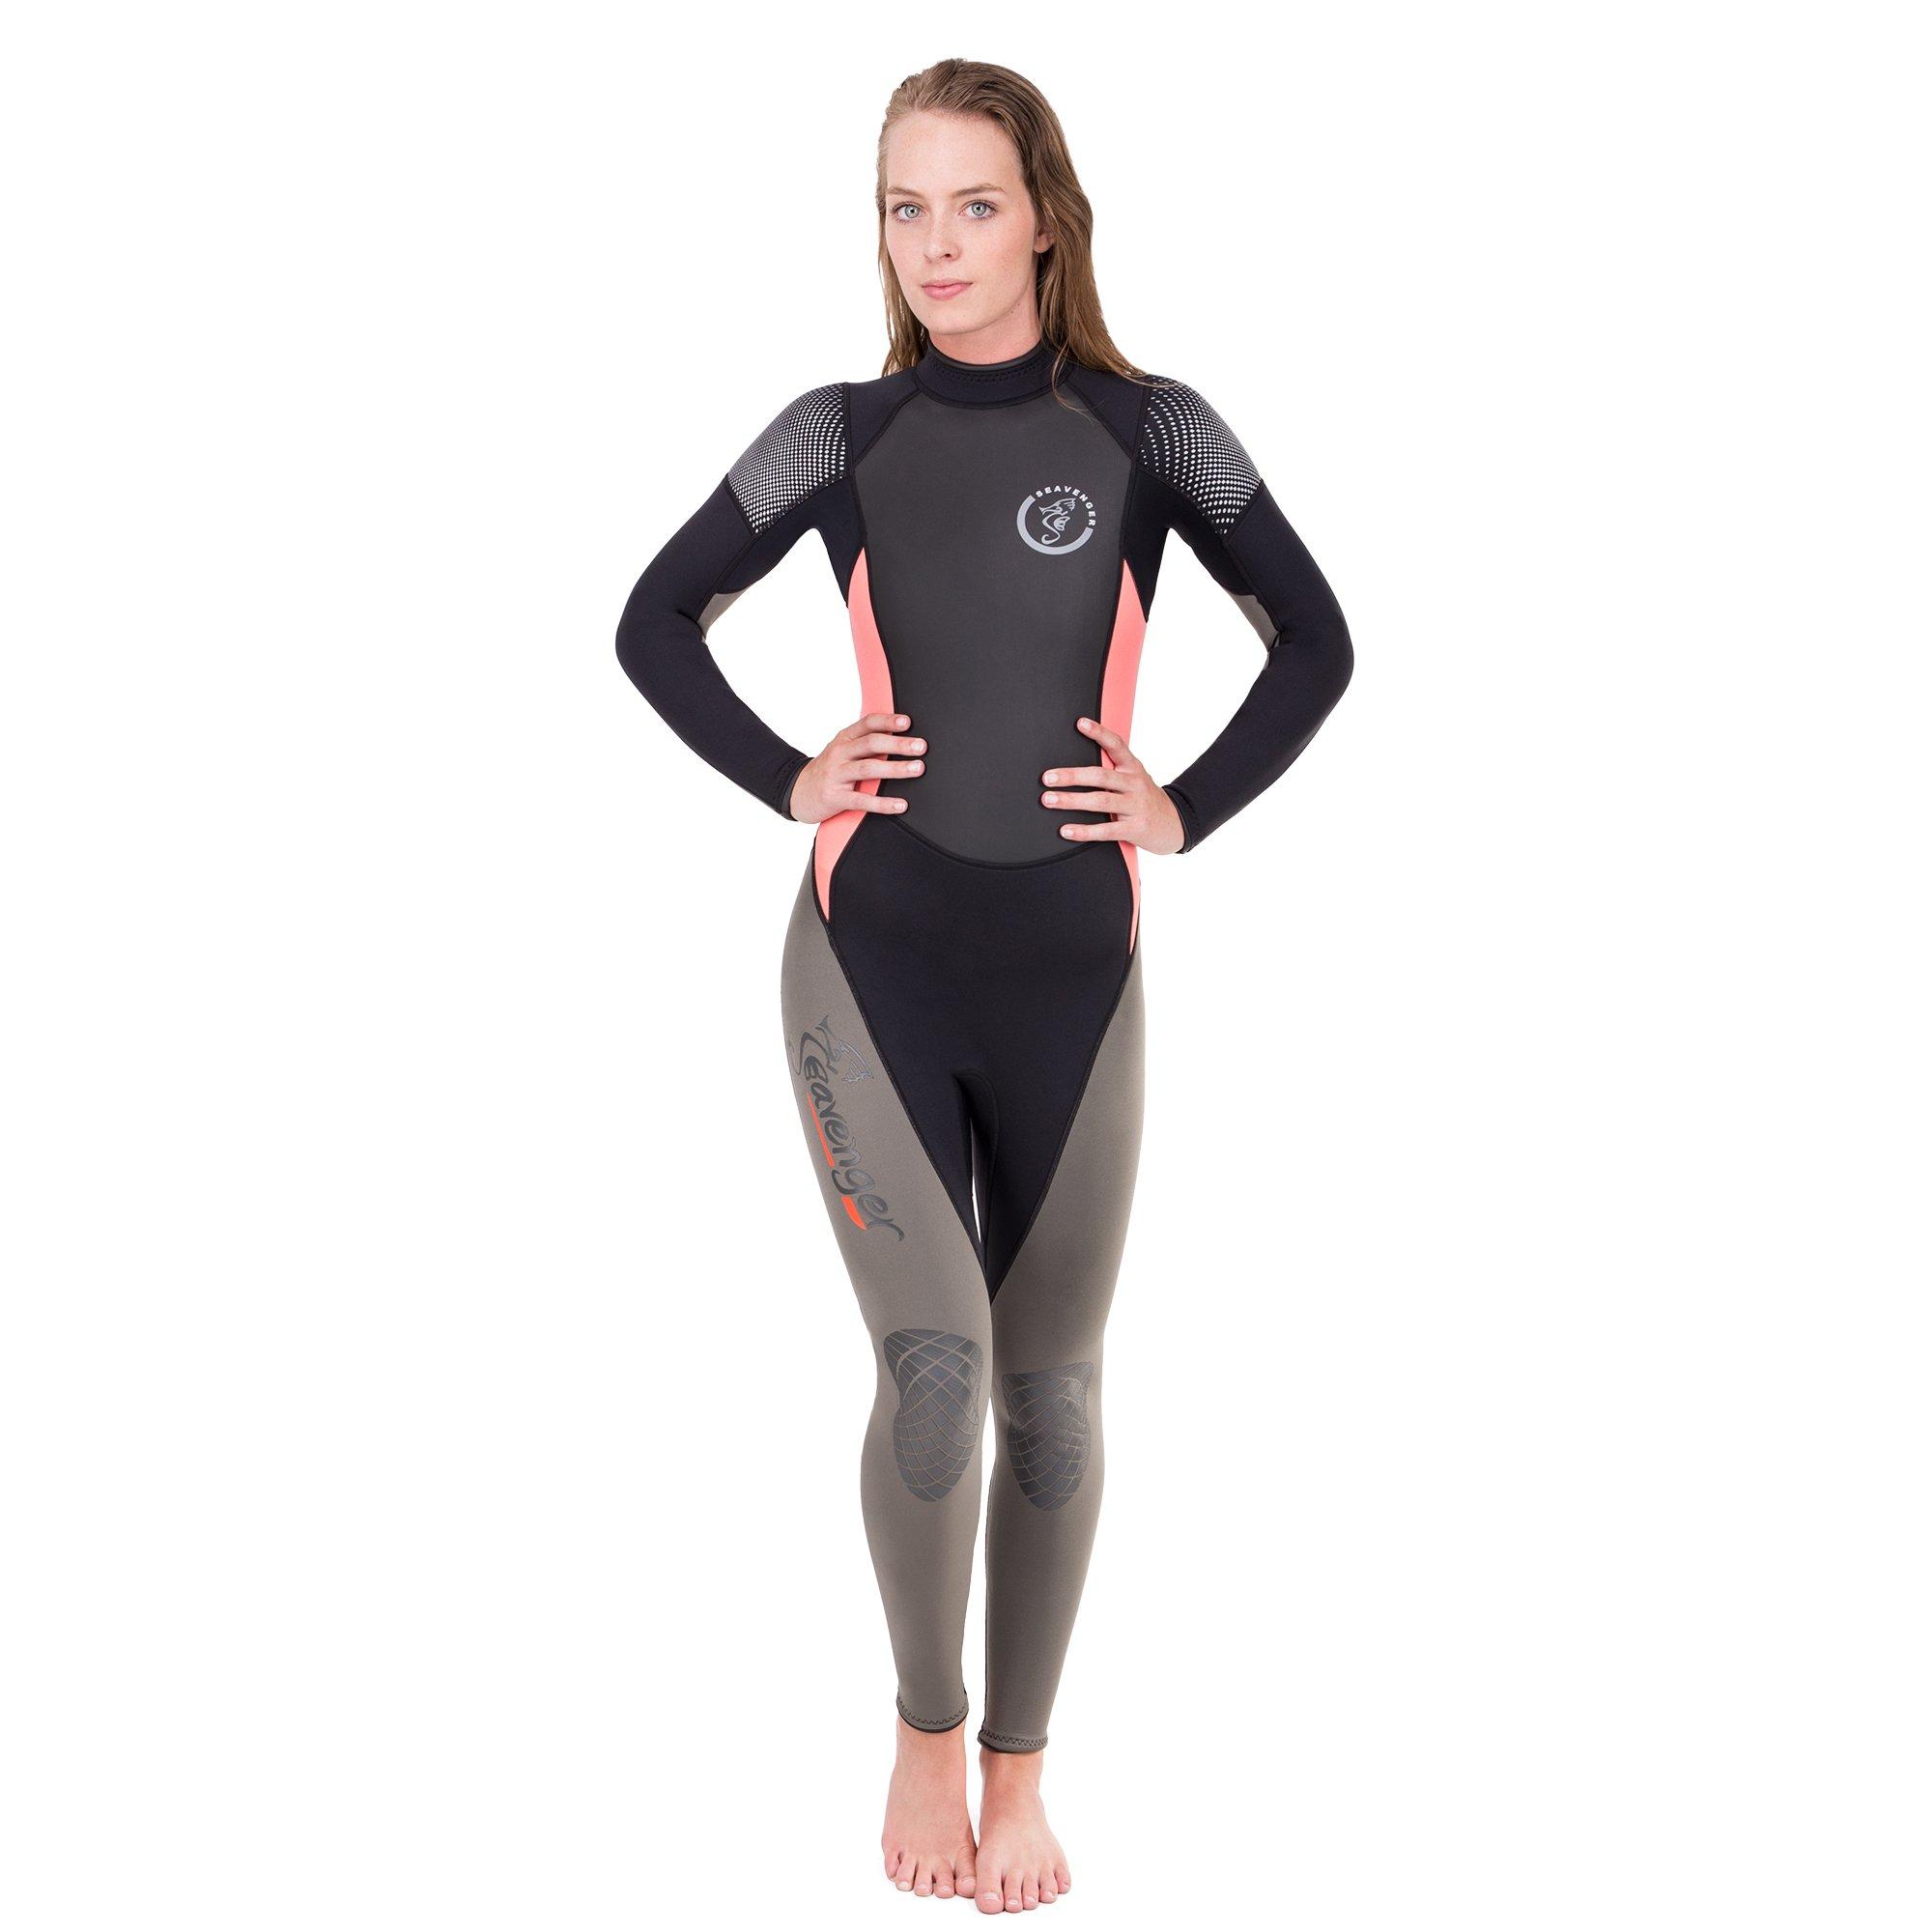 Seavenger Odyssey 3mm Wetsuit | Full Body Neoprene Suit for Scuba Diving, Snorkeling, Freediving (Surfing Salmon, Women's 13) by Seavenger